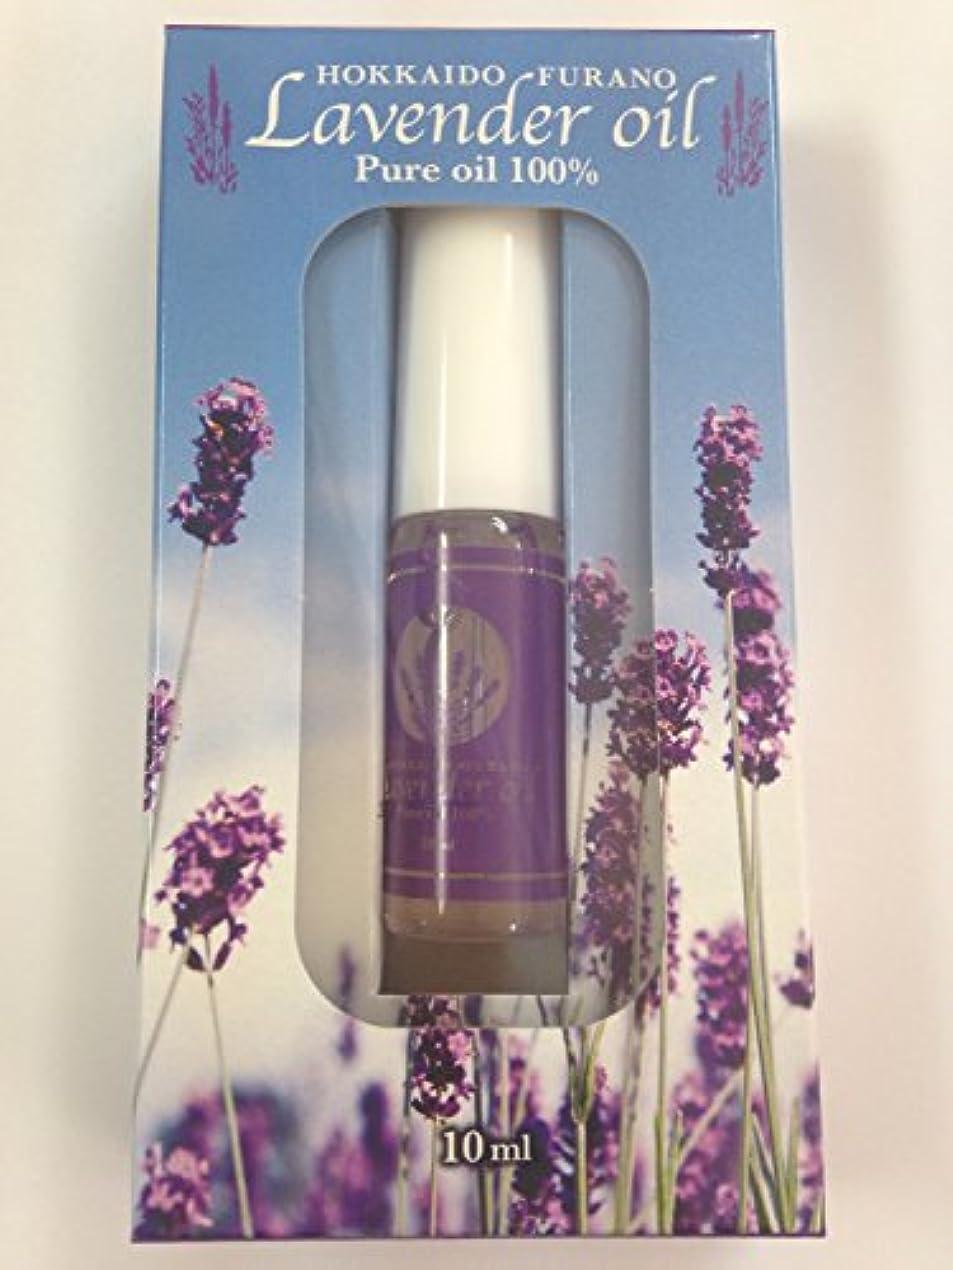 負荷女性ボンド北海道◆ラベンダー天然精油100%?10ml<水蒸気蒸留法>Lavender oil